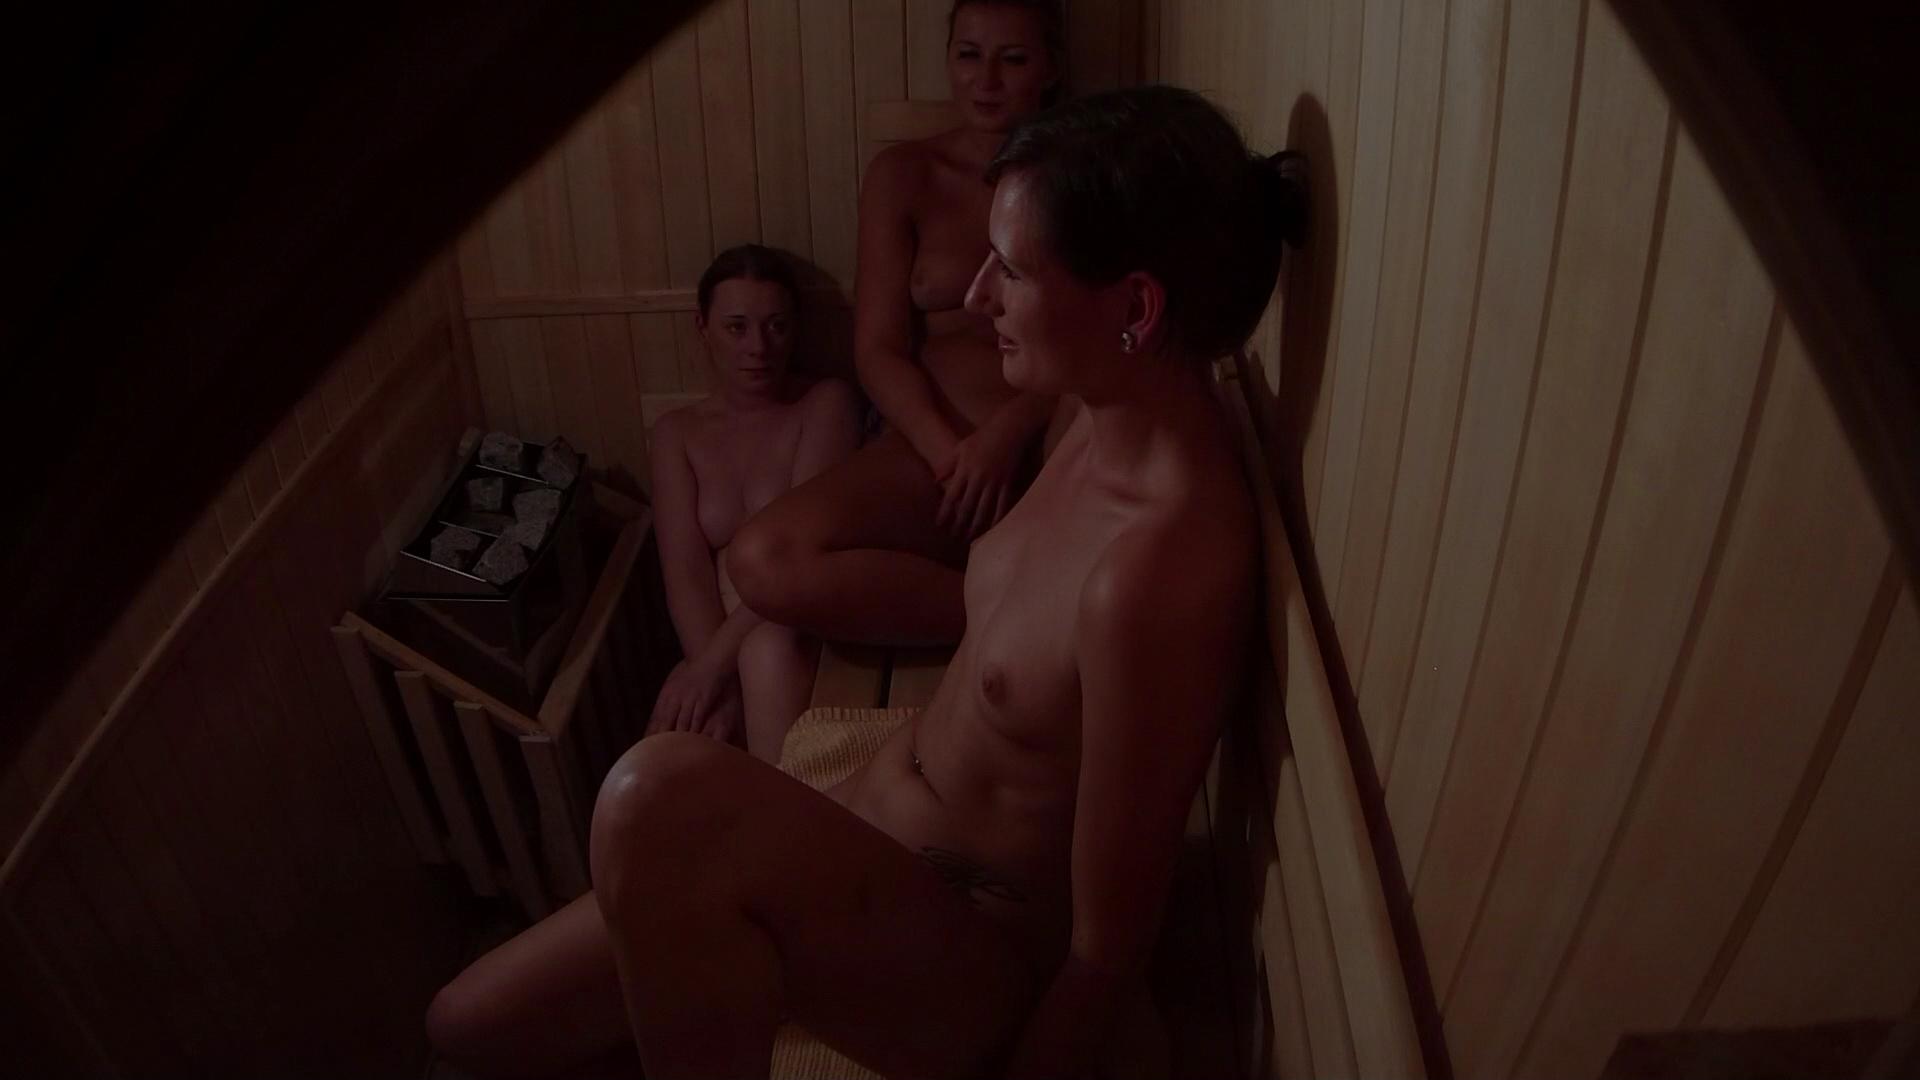 фото порно скрытые камеры в саунах